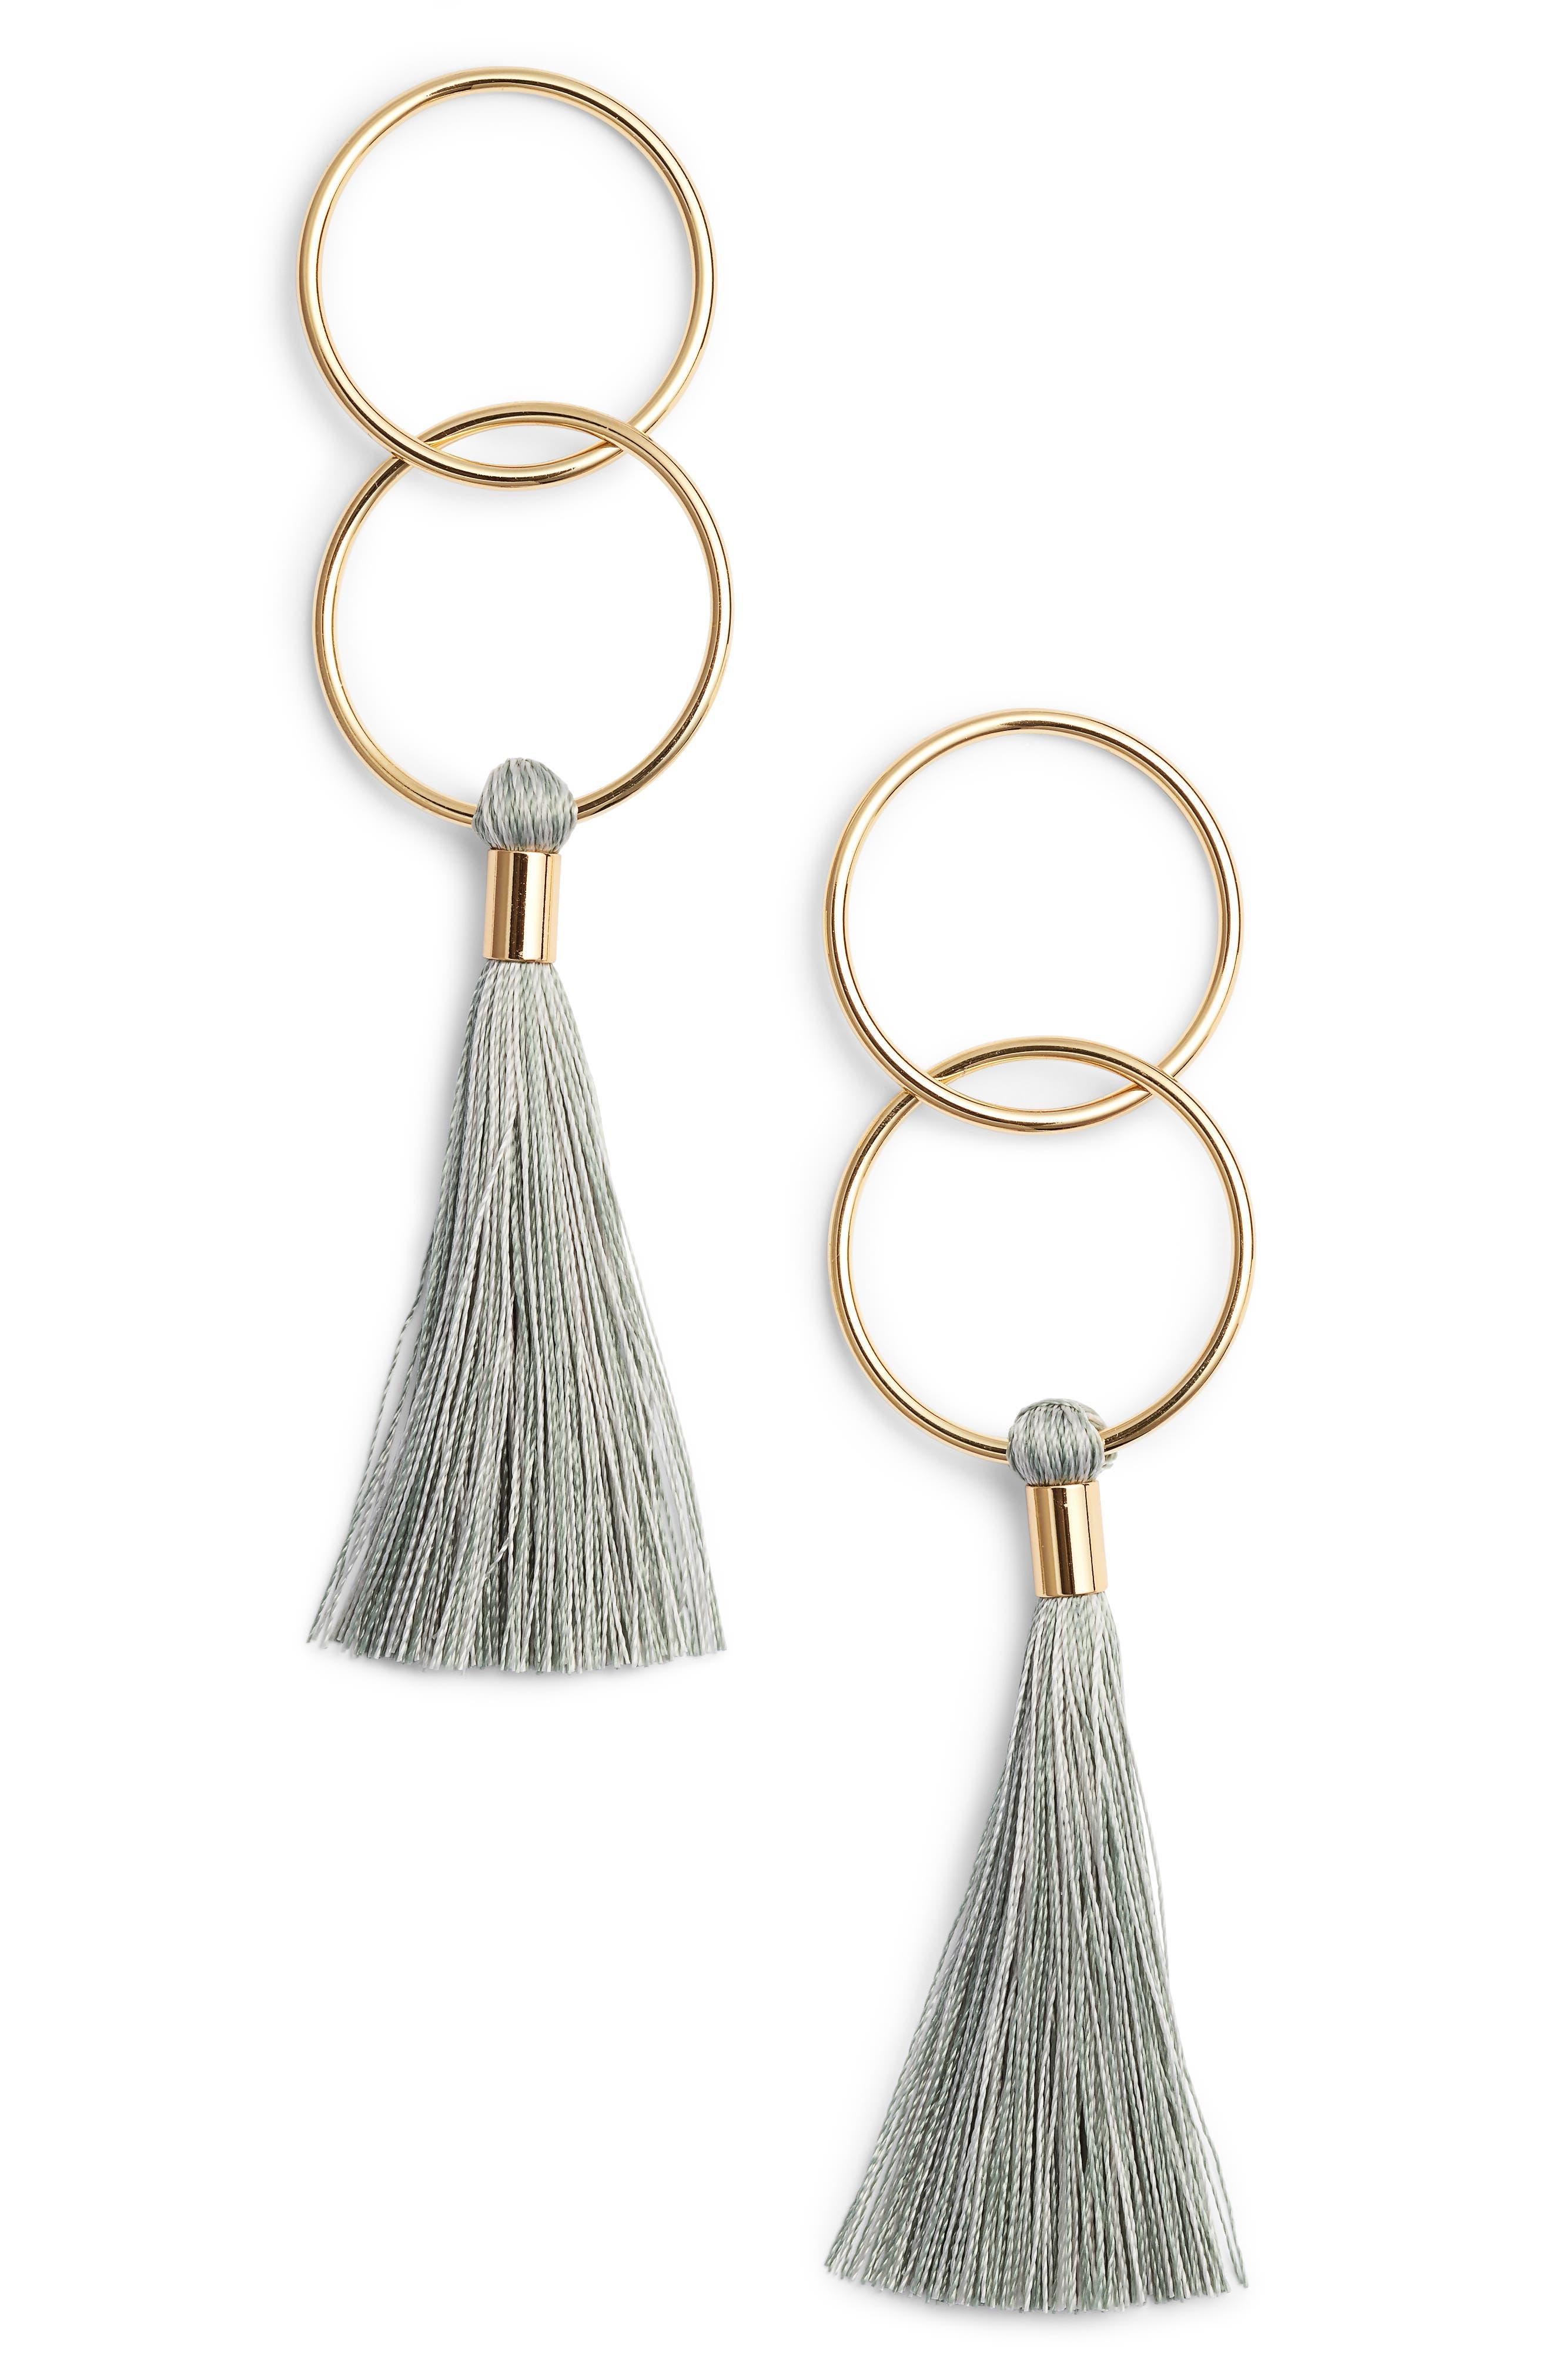 Main Image - gorjana Carmen Tassel Earrings